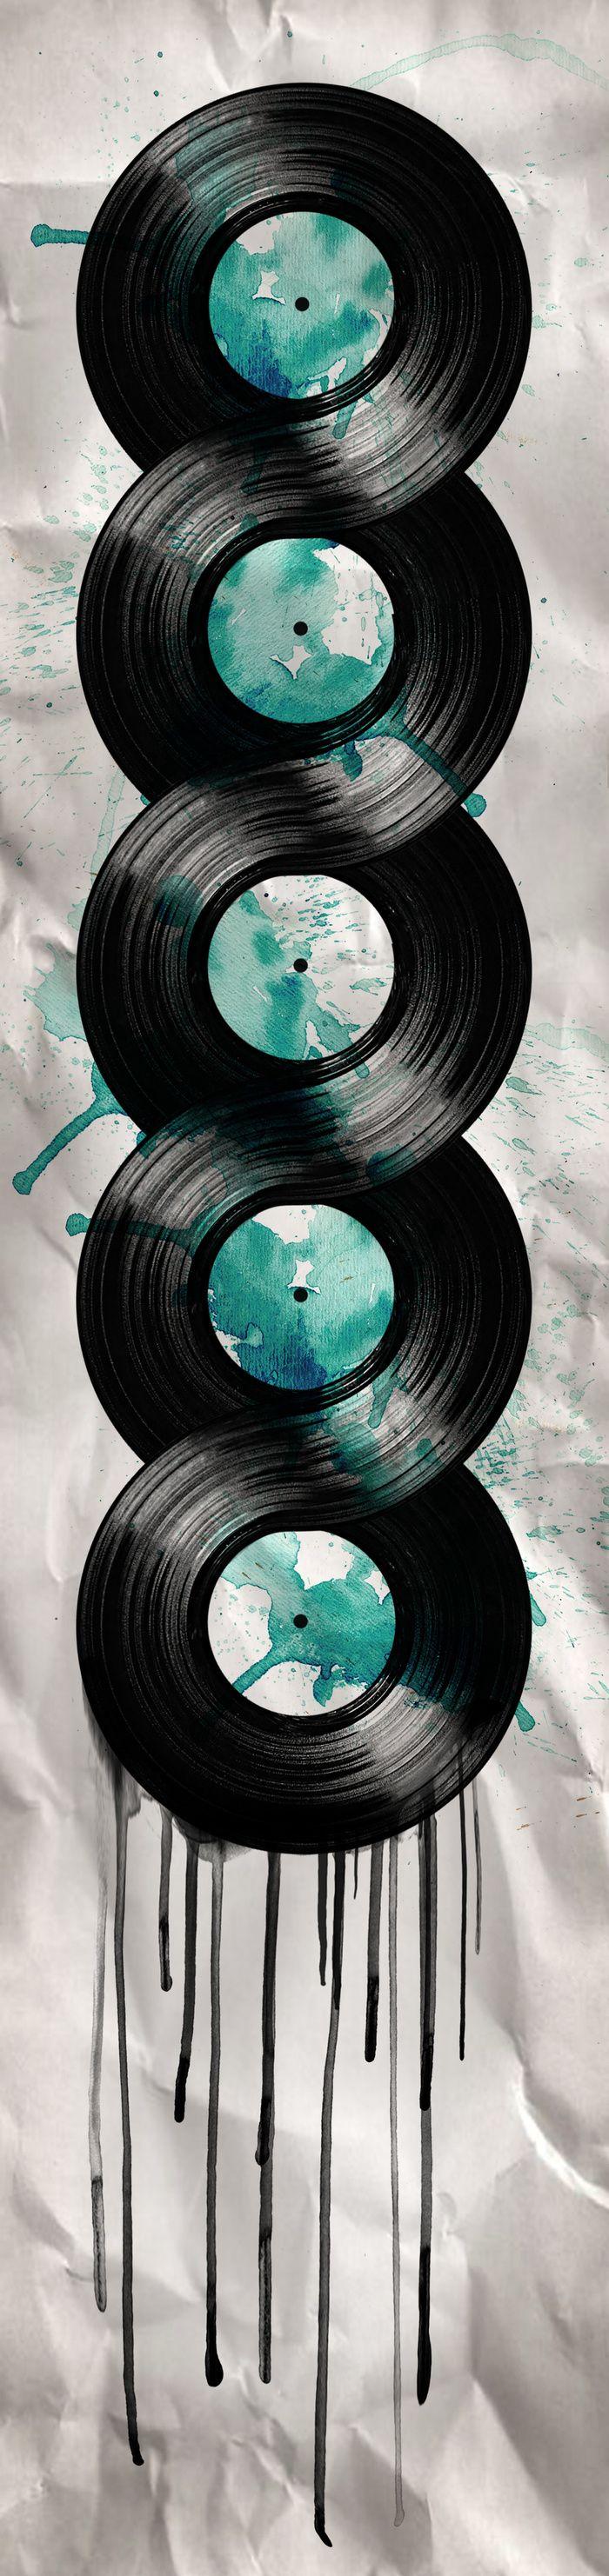 """""""infinite vinyl"""" Art Print by Vin Zzep on Society6."""